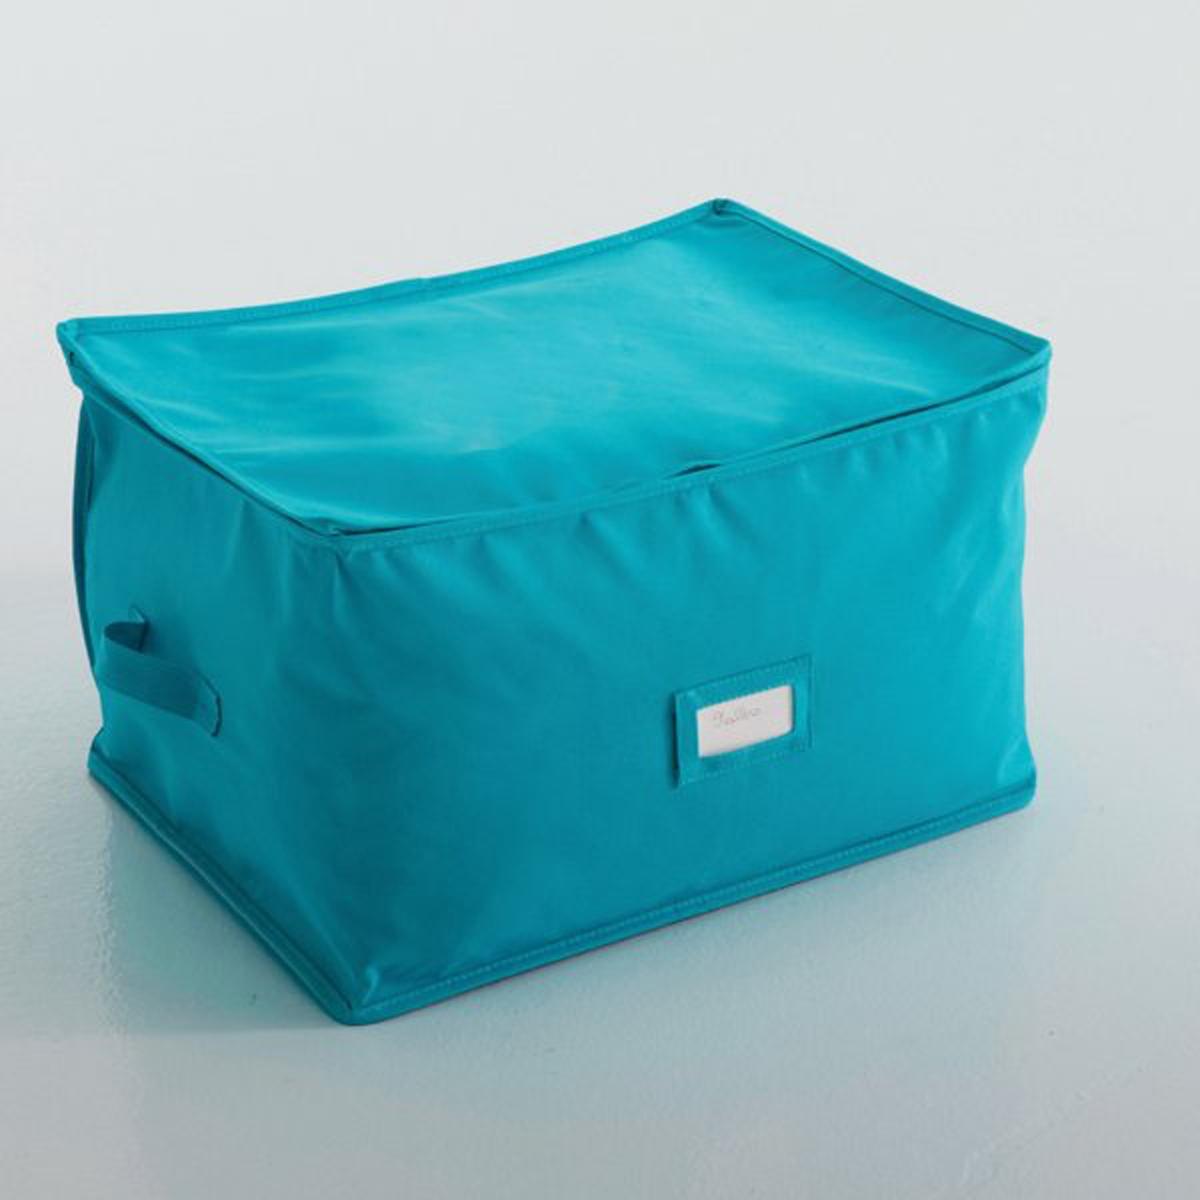 Чехол для хранения, Ш.47 x В.37 x Г.30 смЧехол для хранения. Идеален для хранения одеял, покрывал и подушек. Легко убирается под кровать или под шкаф.Характеристики чехла для хранения:полиэстер 290 г/м?.Ручки для переноски и место для бирки. Размеры чехла для хранения: Ш.47 x В.37 x Г.30 см.<br><br>Цвет: бирюзовый,розовый,серо-коричневый каштан,серый<br>Размер: единый размер.единый размер